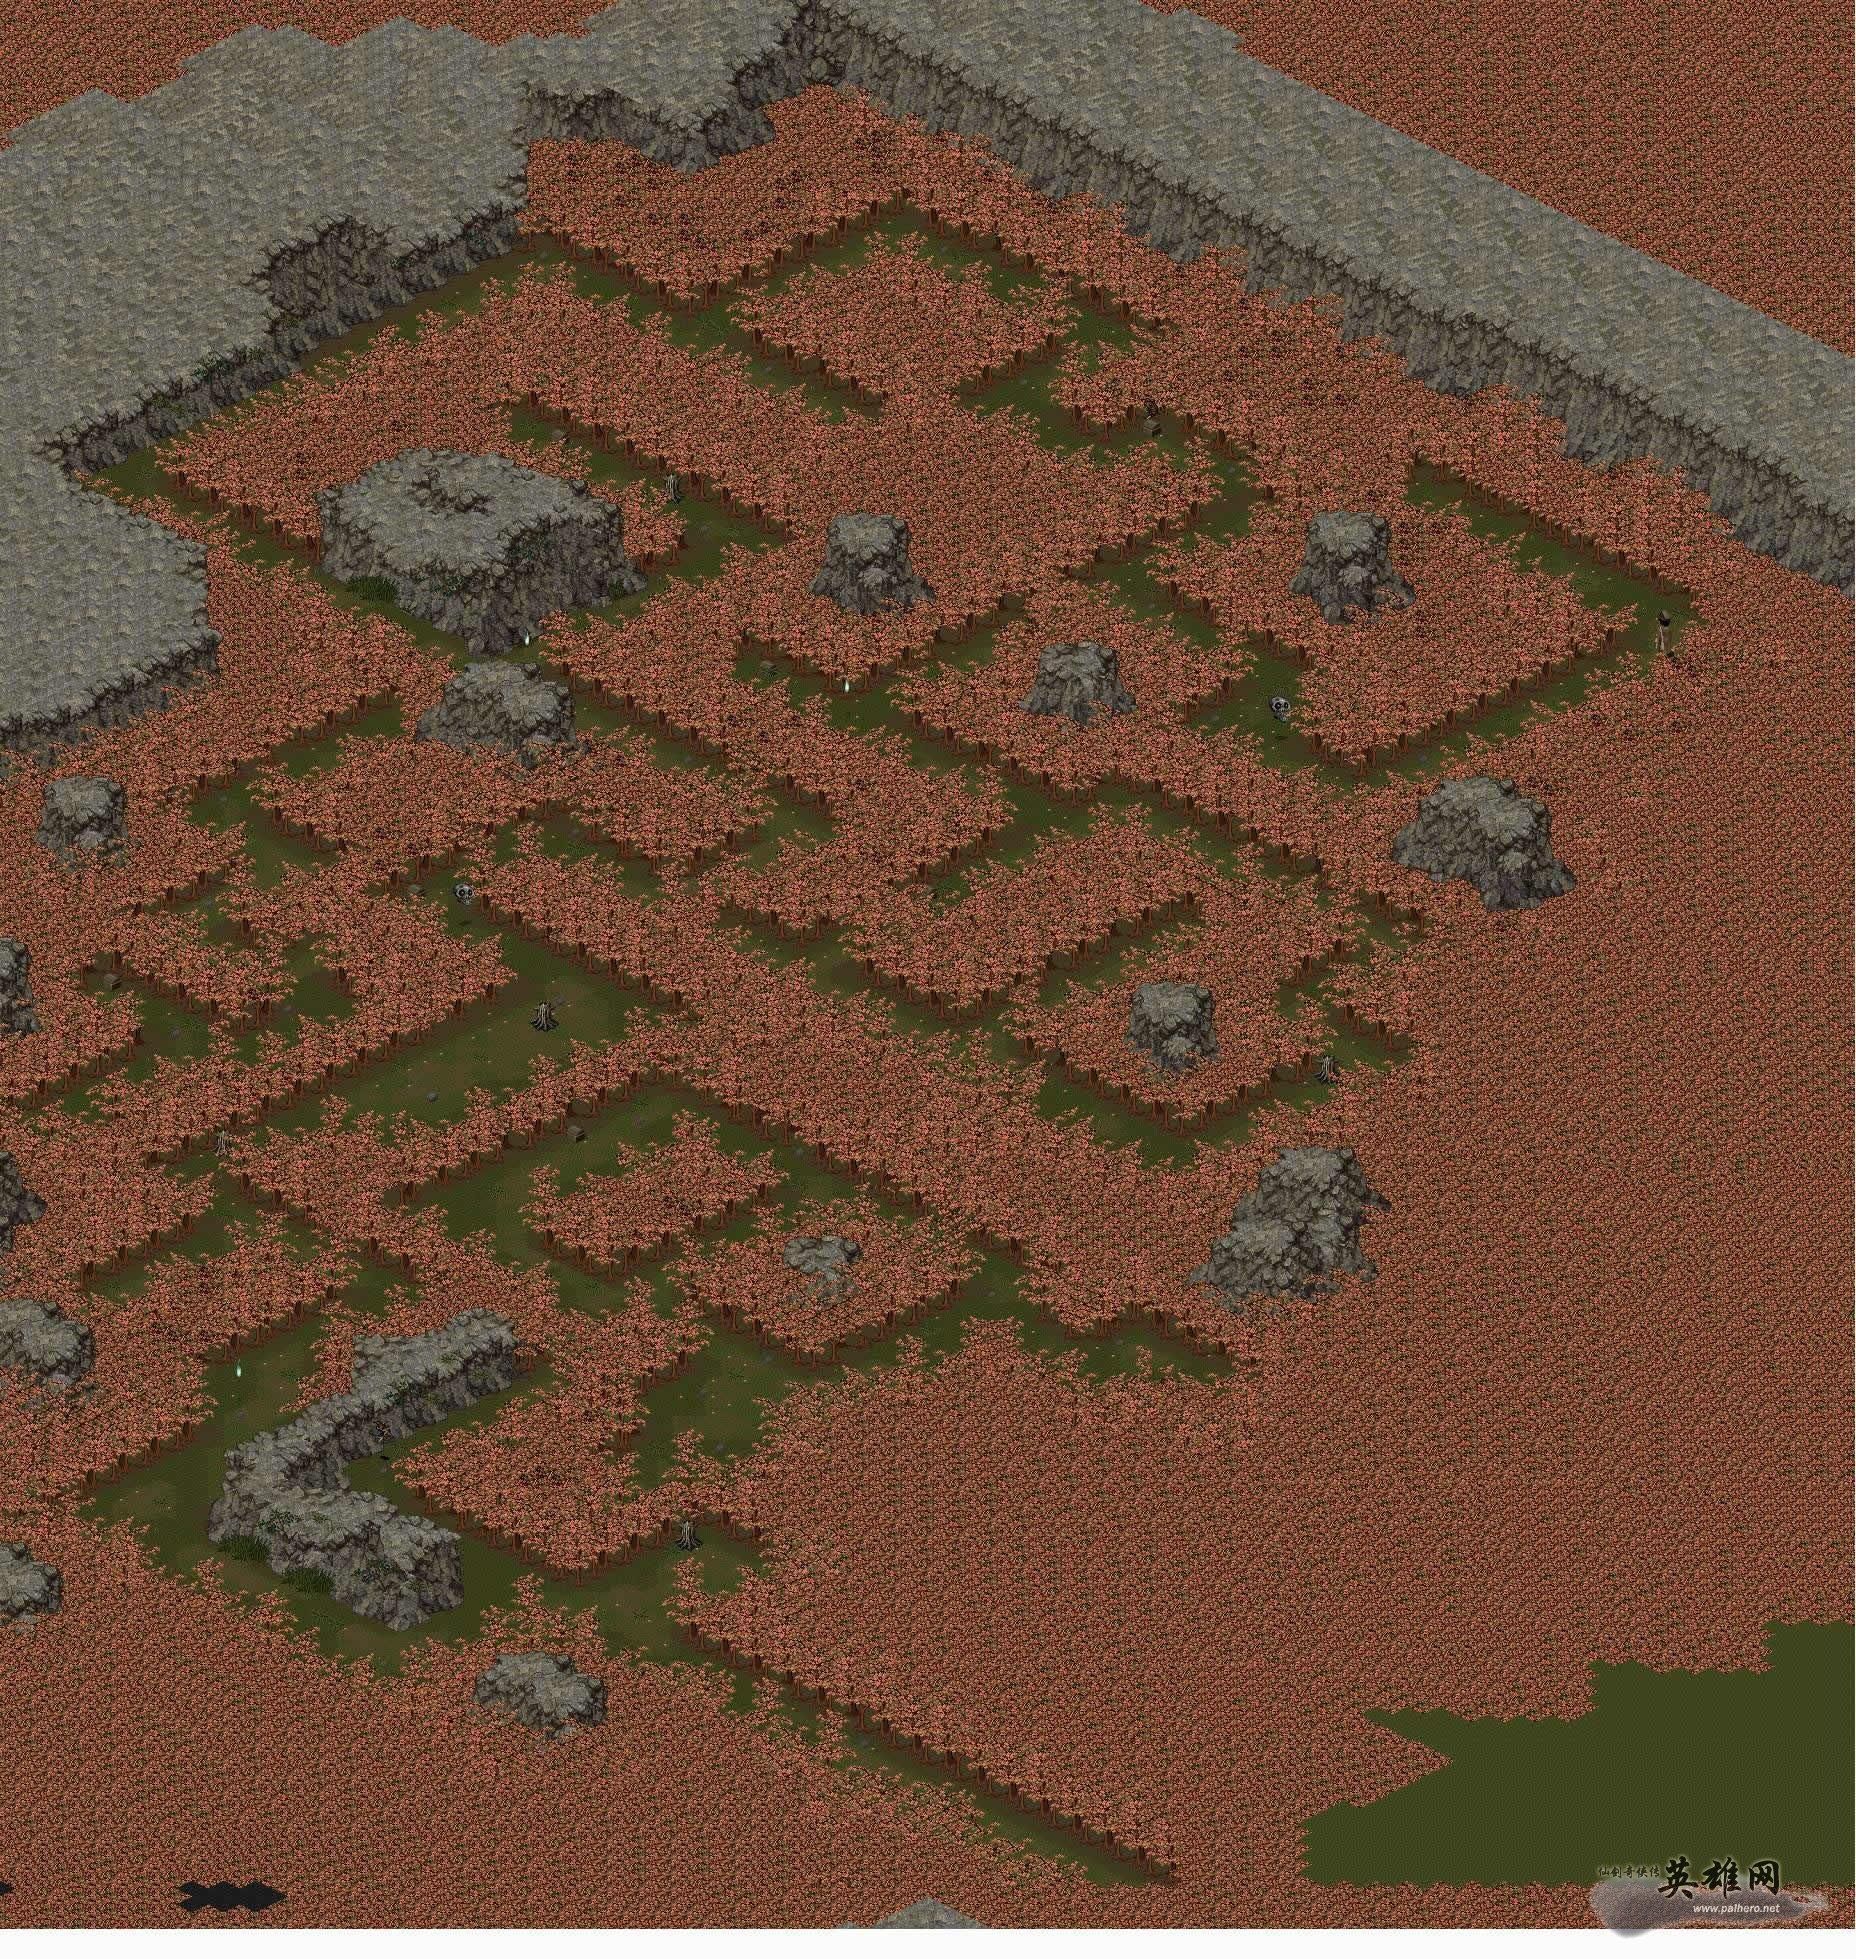 《仙剑98柔情篇》迷宫地图